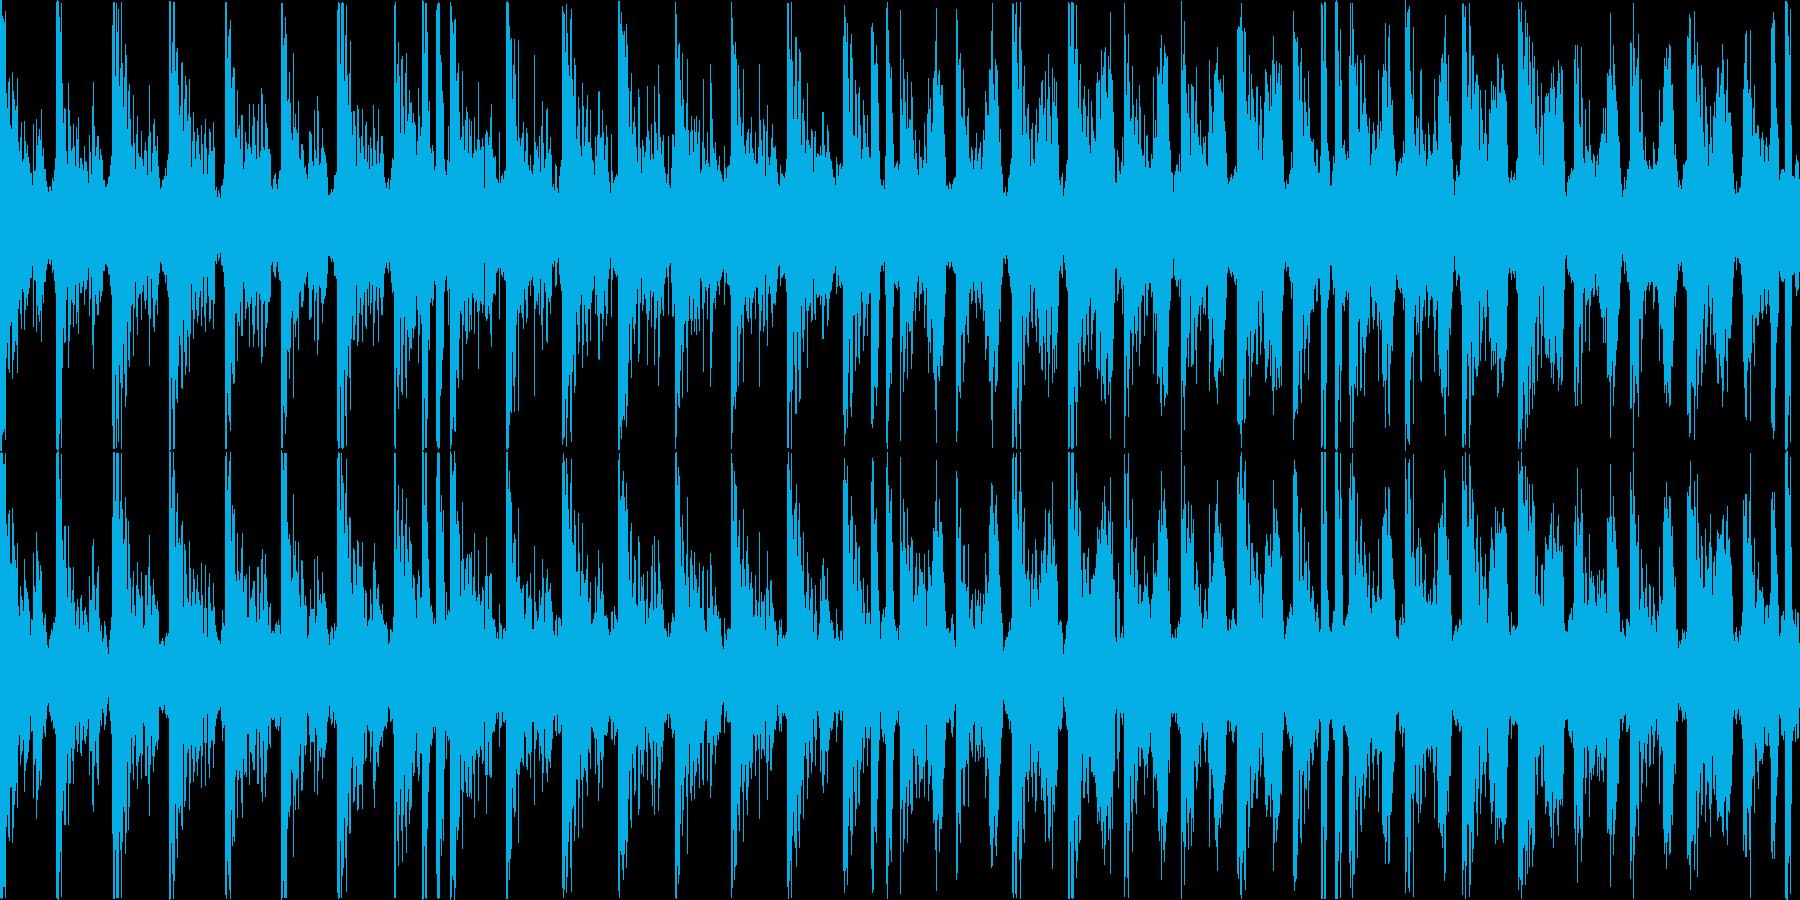 エレピの甘い雰囲気を持った曲の再生済みの波形